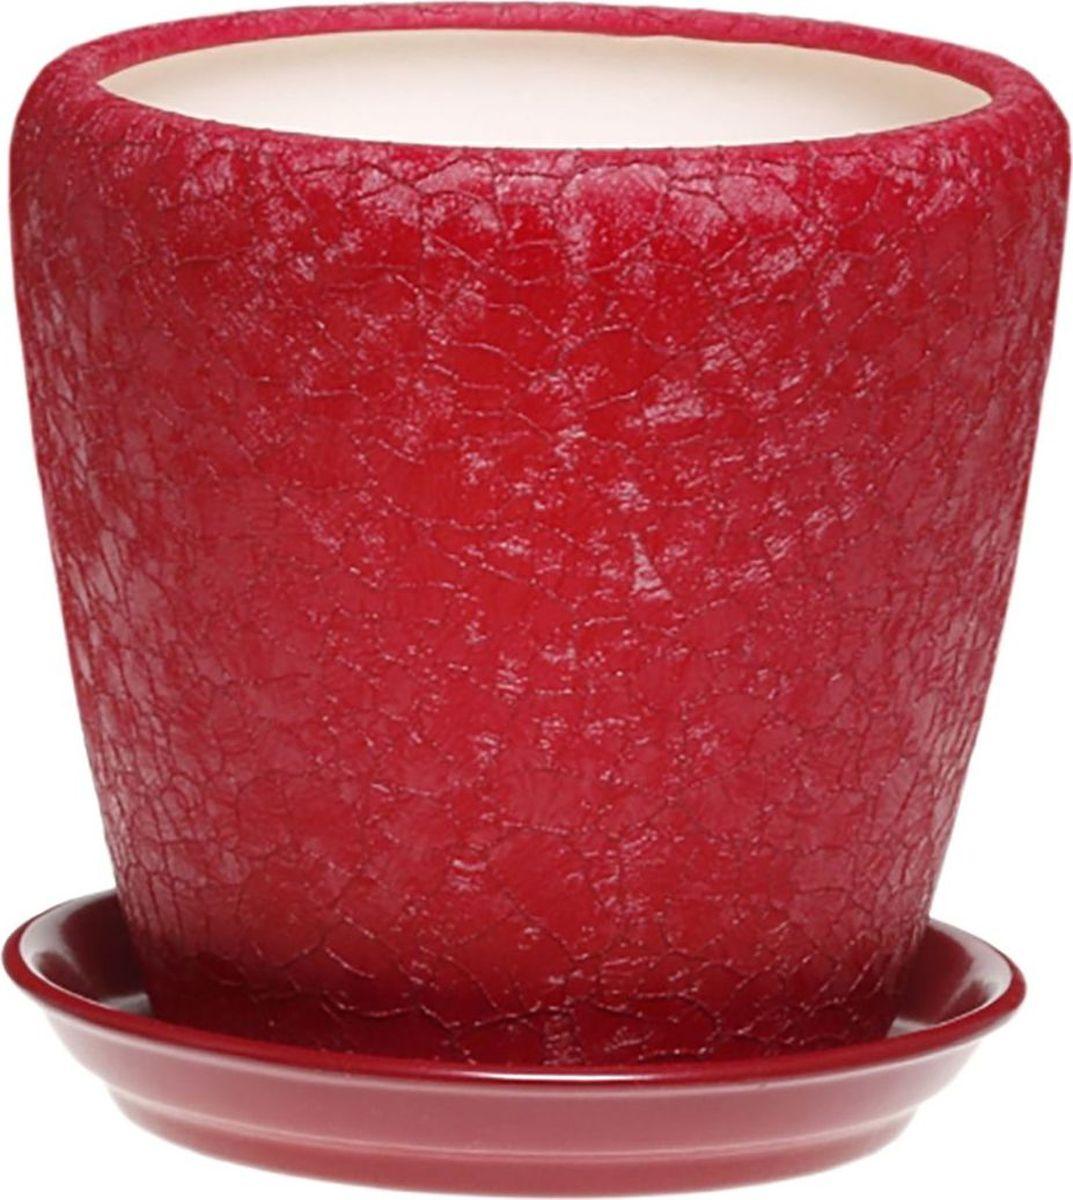 Кашпо Керамика ручной работы Грация, цвет: бордовый, 1,2 л1158459Комнатные растения - всеобщие любимцы. Они радуют глаз, насыщают помещение кислородом и украшают пространство. Каждому из них необходим свой удобный и красивый дом. Кашпо Грация из керамики прекрасно подходят для высадки растений: пористый материал позволяет испаряться лишней влаге, а воздух, необходимый для дыхания корней, проникает сквозь керамические стенки.Кашпо Грация позаботится о зеленом питомце, освежит интерьер и подчеркнет его стиль.